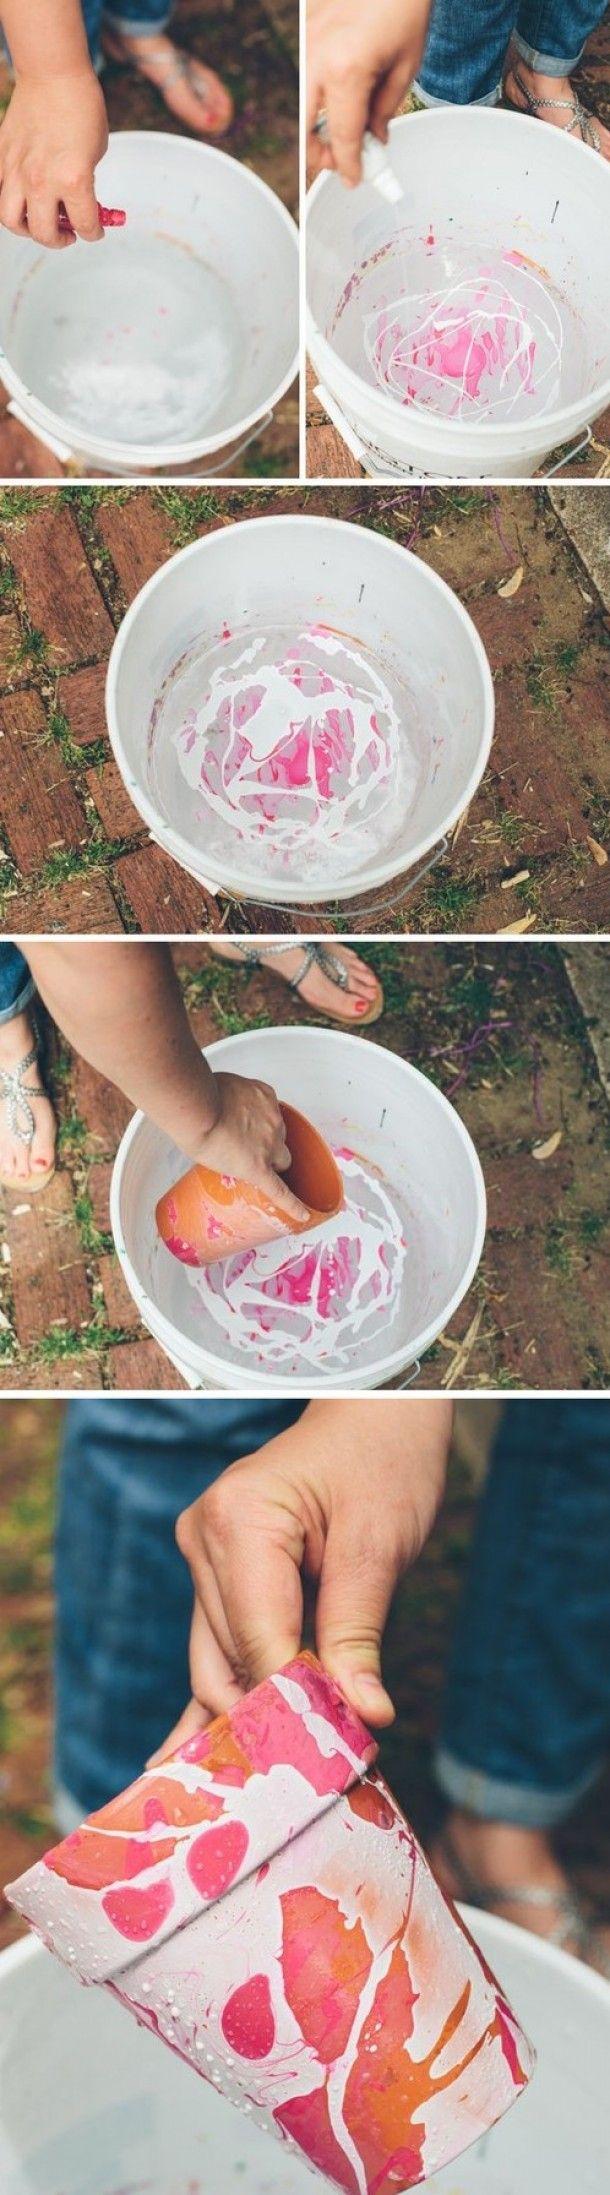 Leuk om zelf te maken | gooi nagelak in water en hopa dan krijg je dit effect Door Niecky